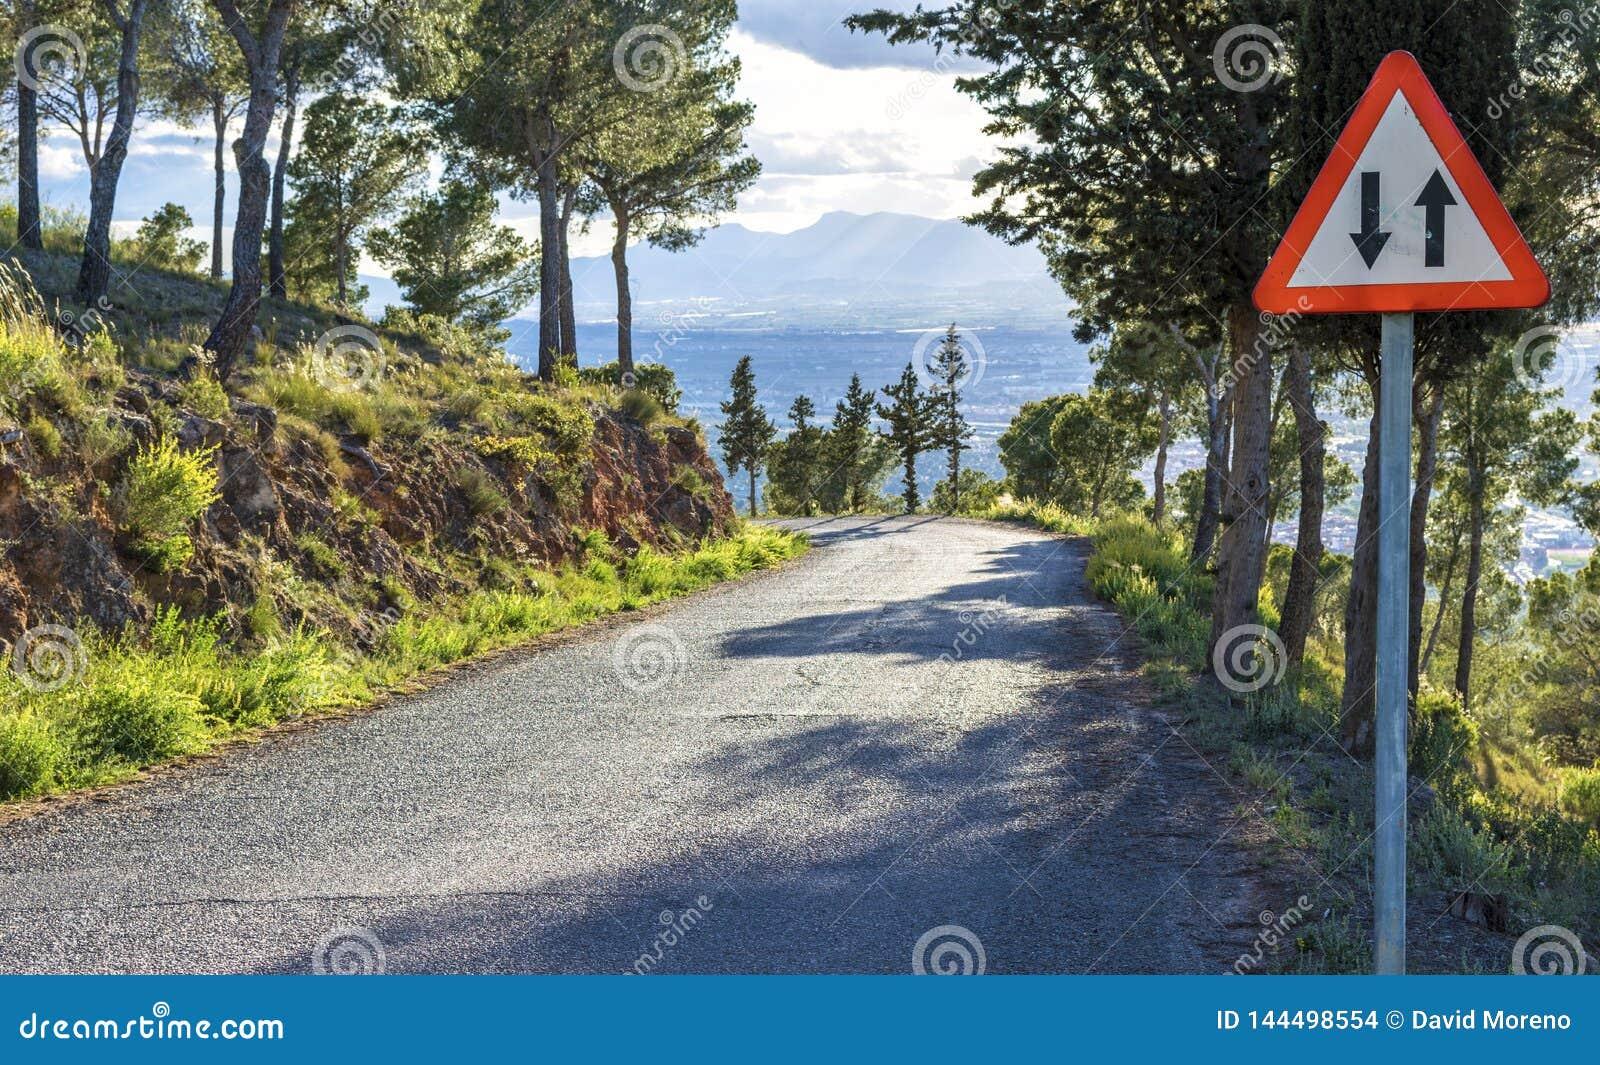 Señal de ambas direcciones en un camino peligroso de la montaña en Murcia, España